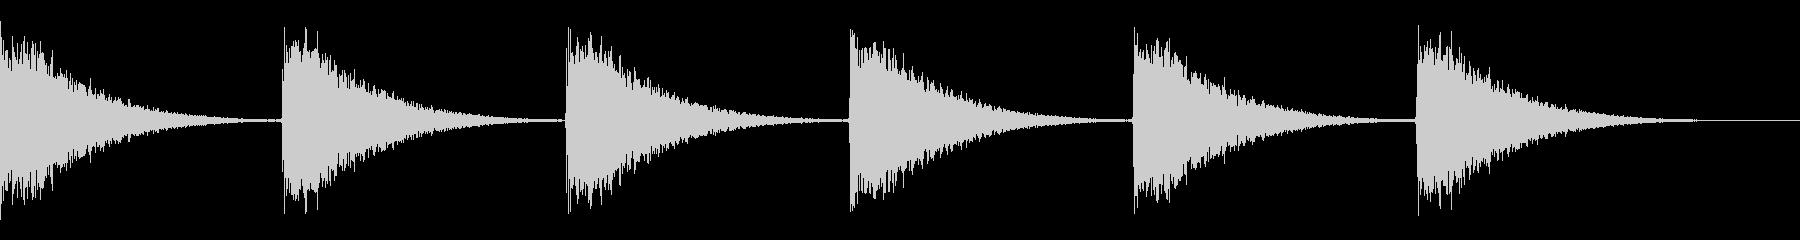 ボーンボーンボーン…(振り子時計)の未再生の波形